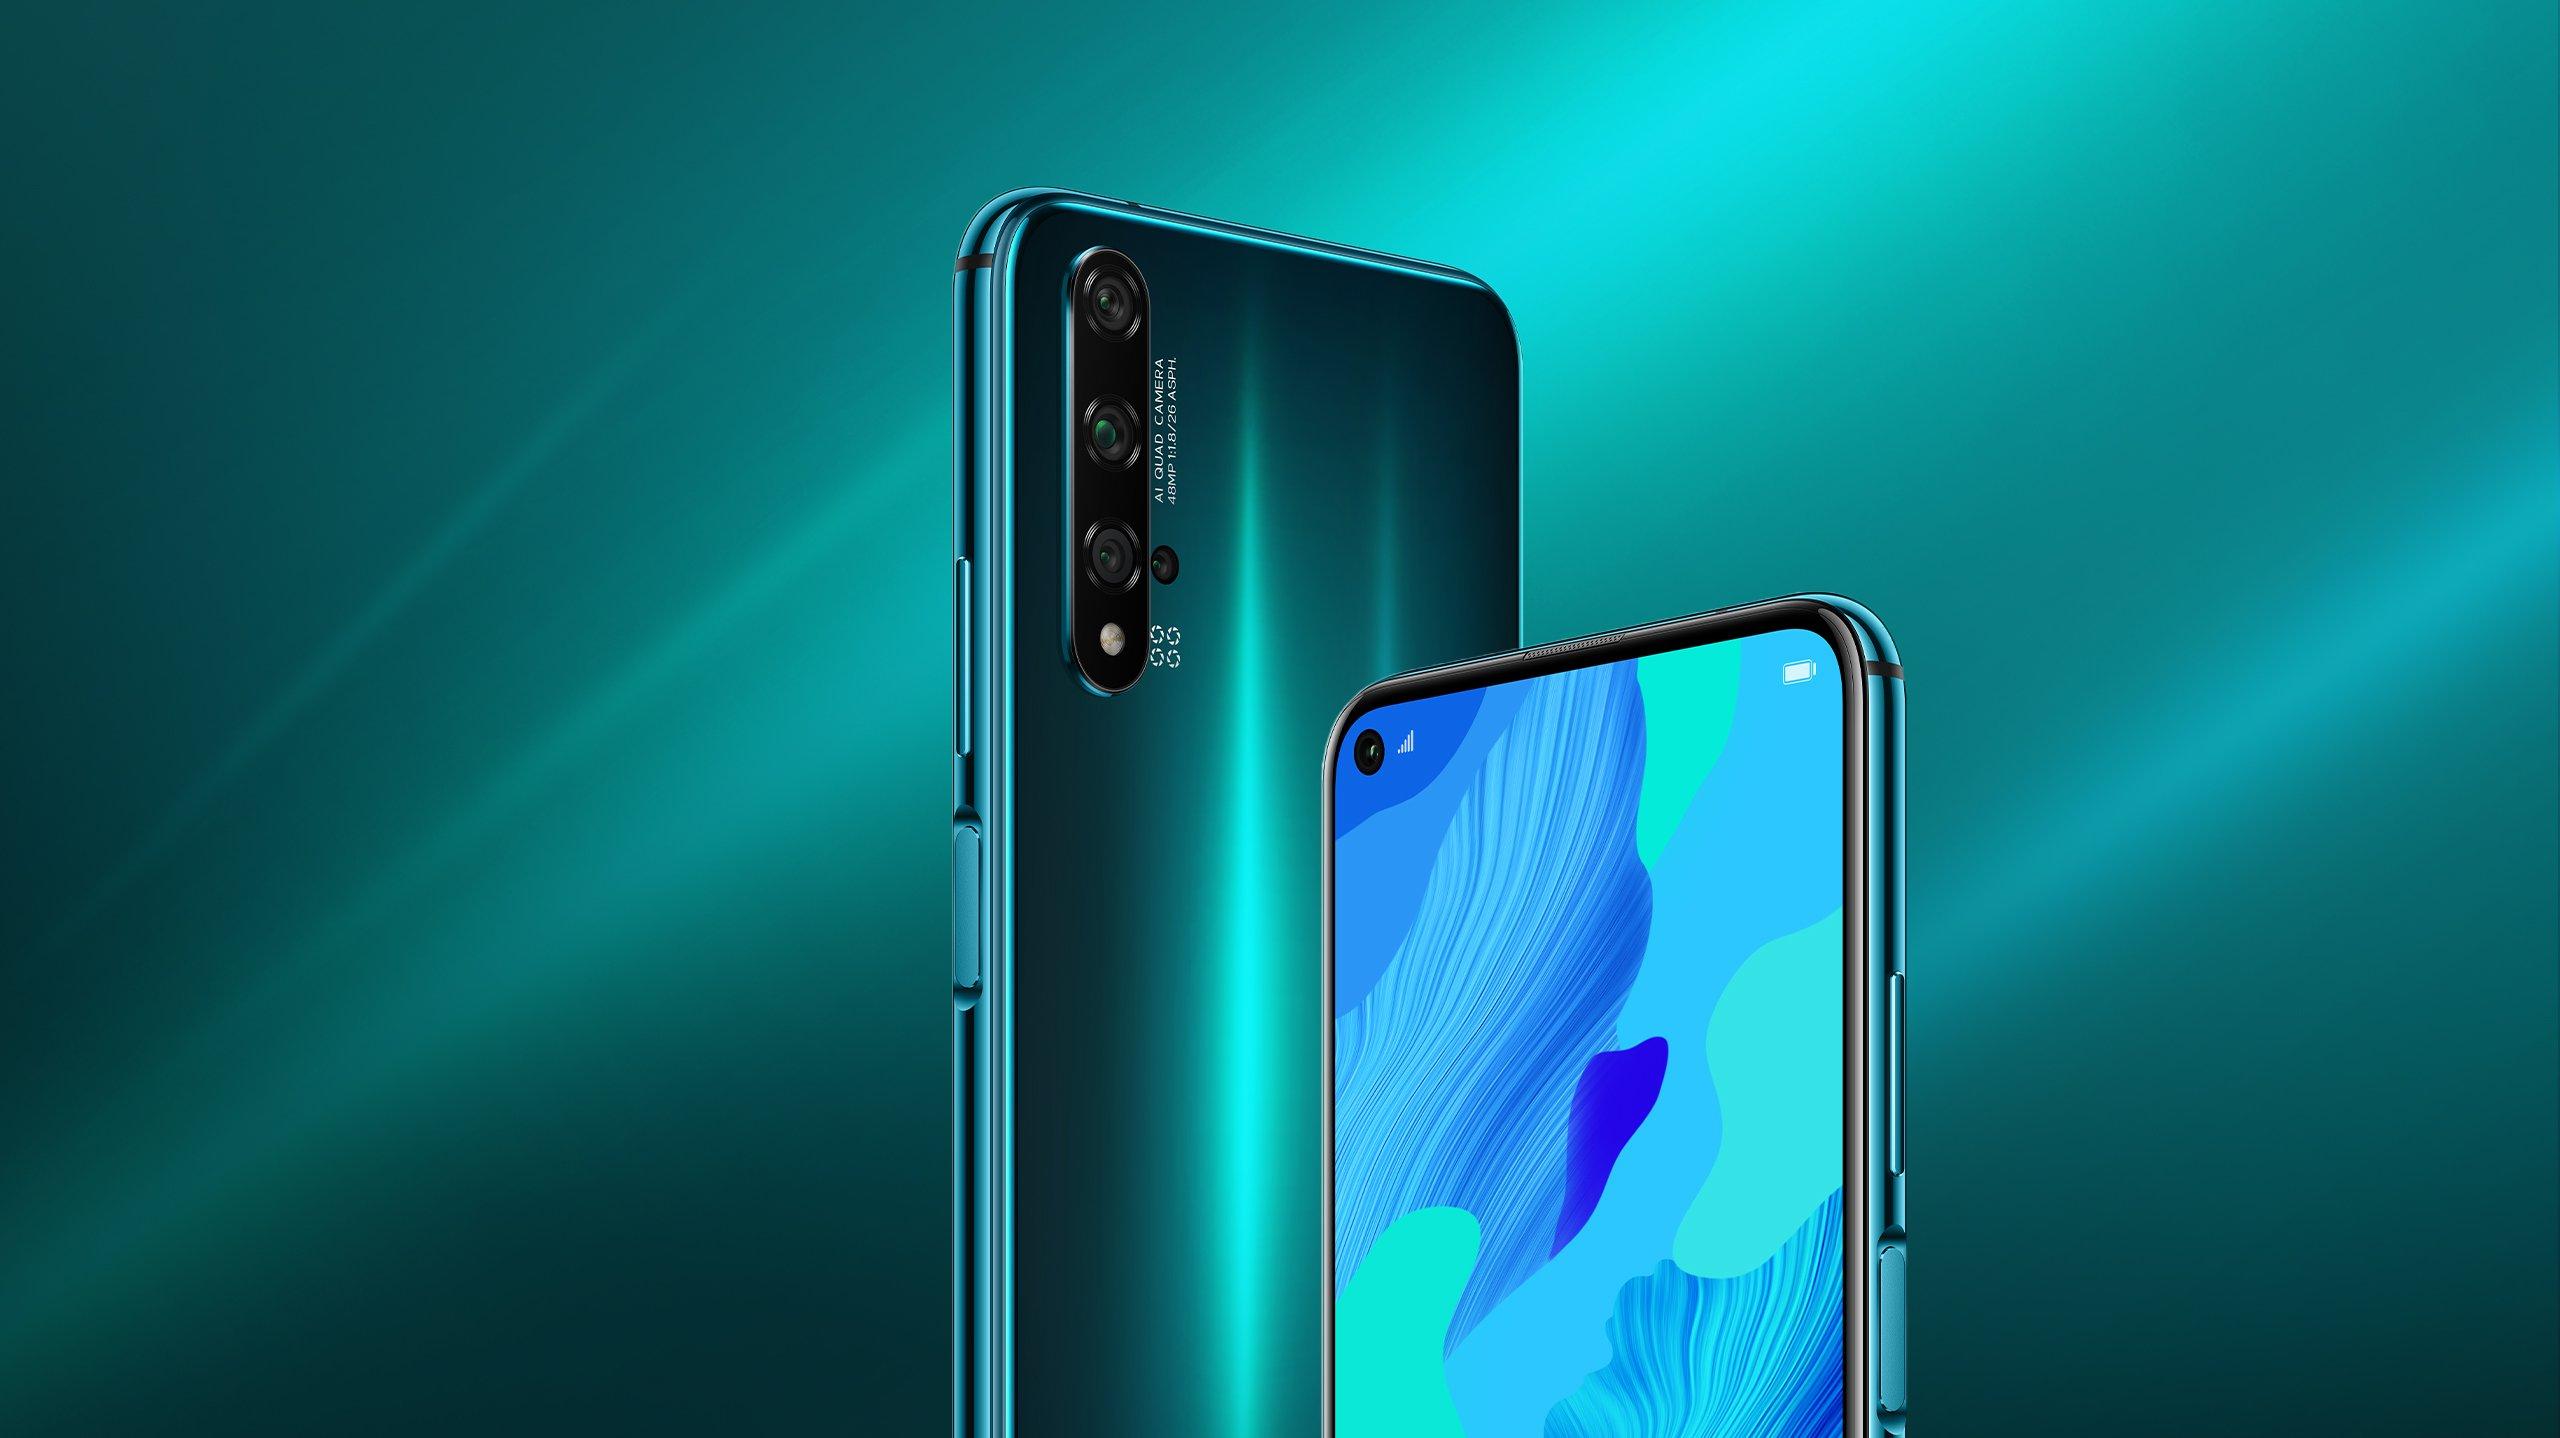 Harga dan Spesifikasi Huawei Nova 5T